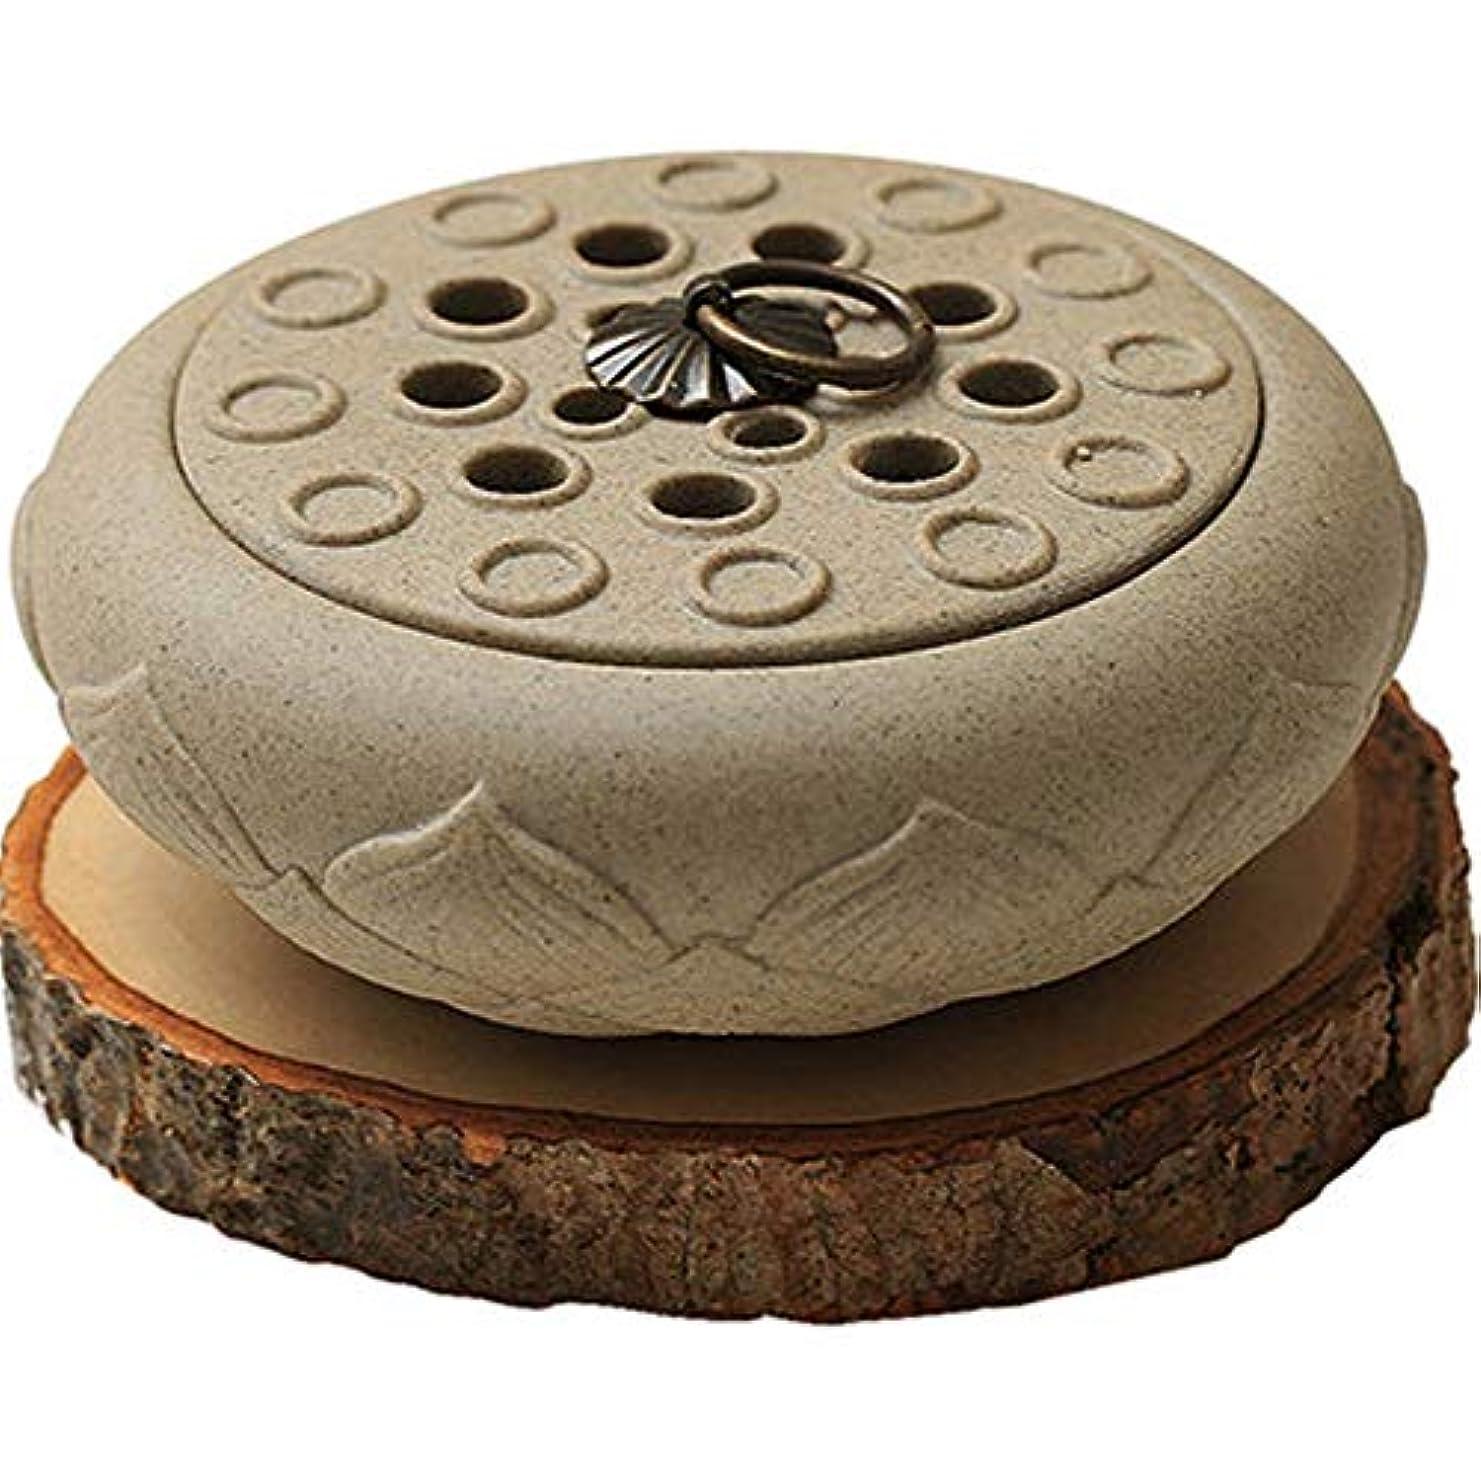 申し立て概念やさしくクリエイティブロータス中空禅ホーム小さな香炉アンティークミニ白檀ストーブ香炉セラミック香炉10.5 * 7.5 * 4 cm